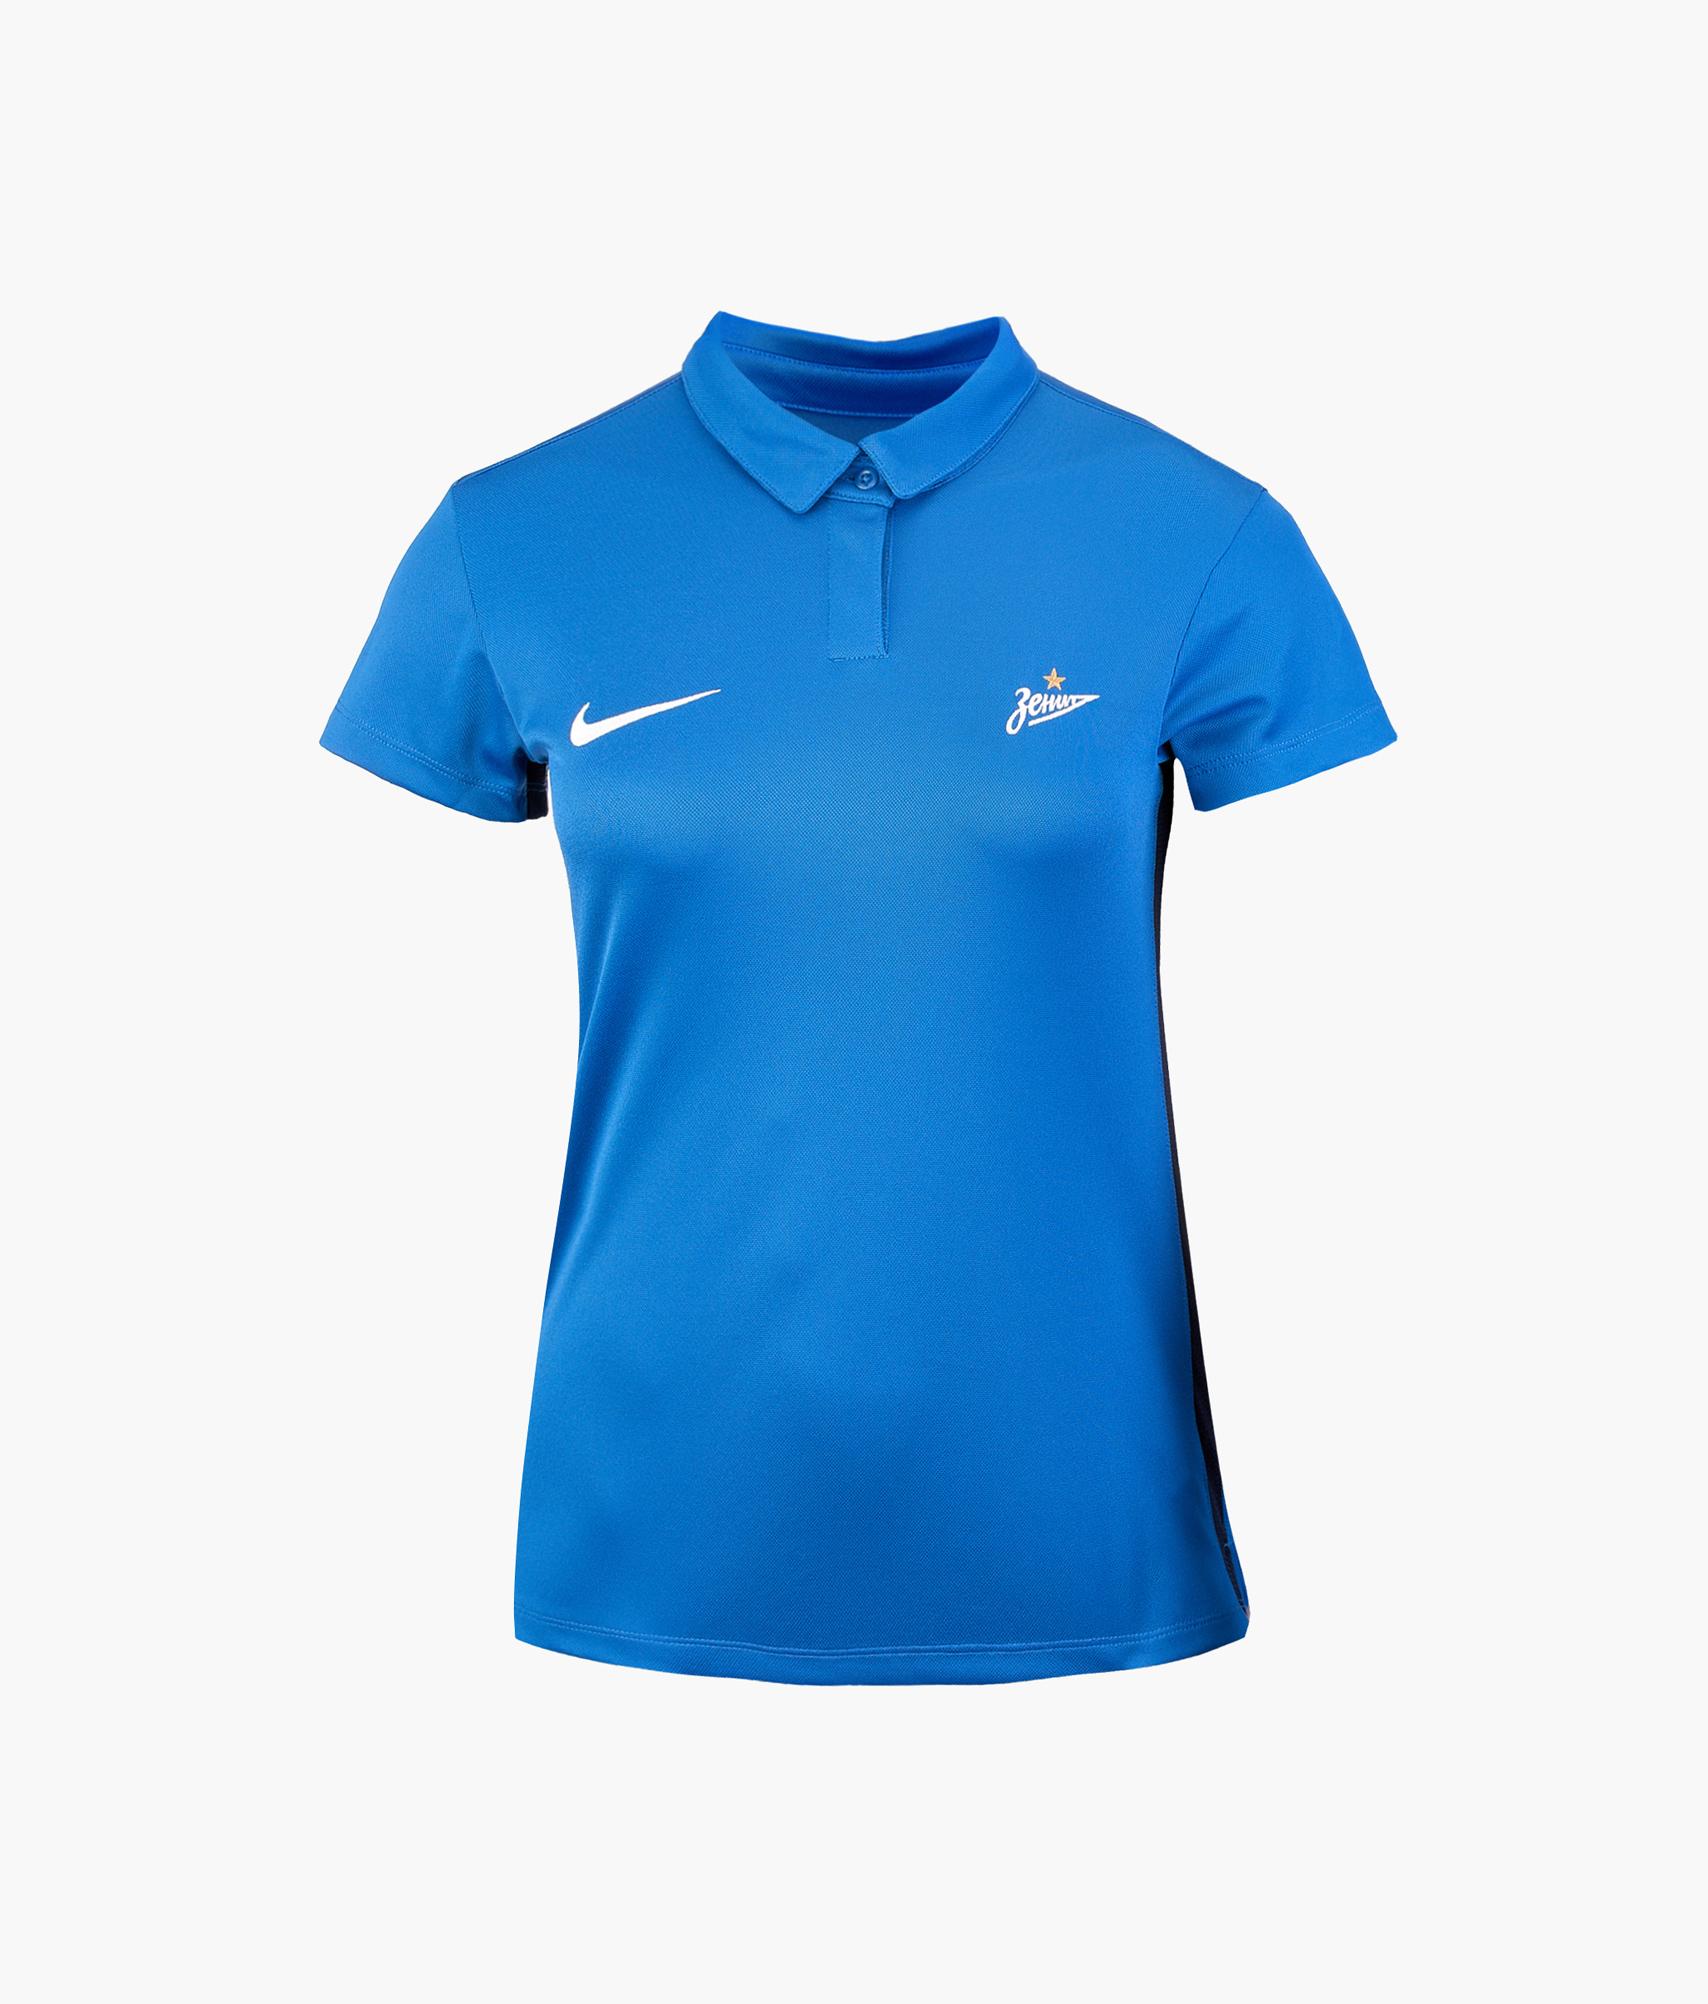 Поло женское Nike Nike Цвет-Синий